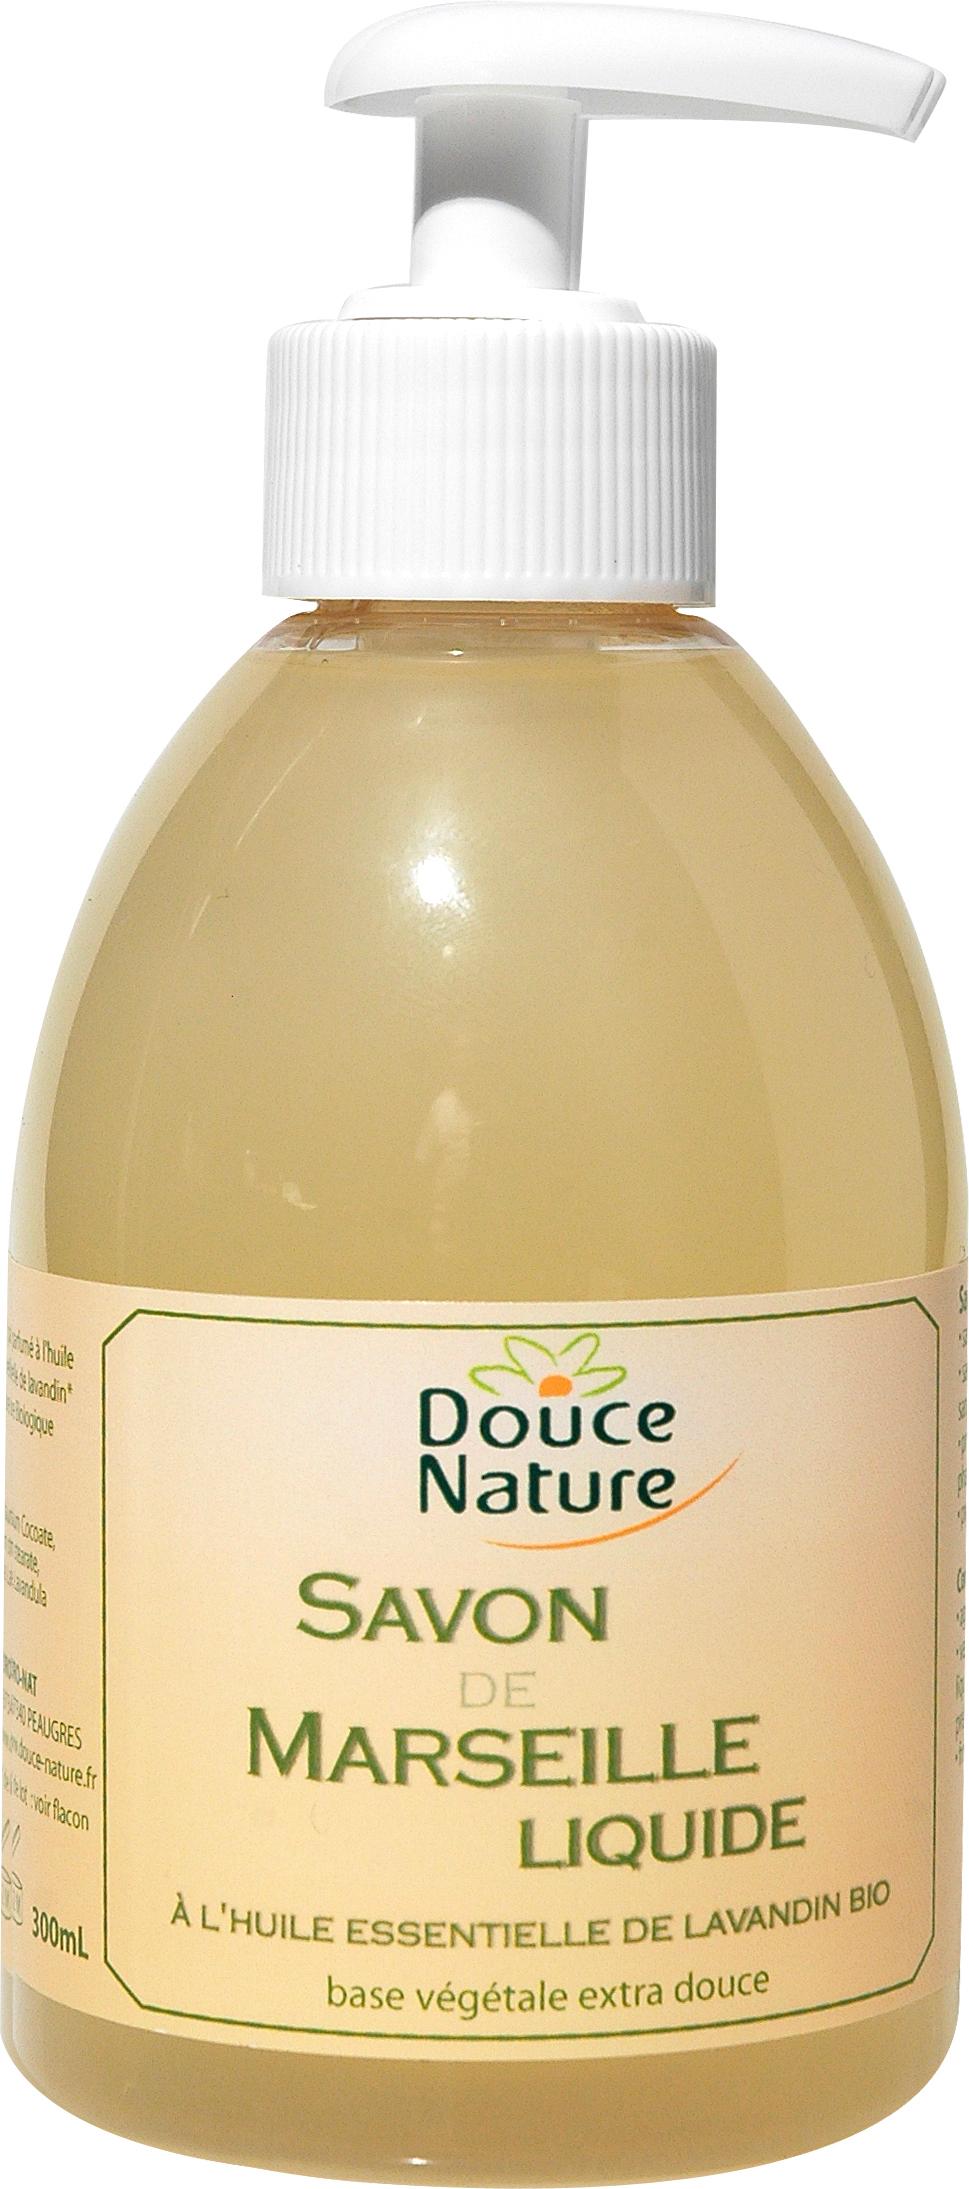 Savon de Marseille liquide à l'huile essentielle de Lavandin BIO, Douce Nature (300 ml)